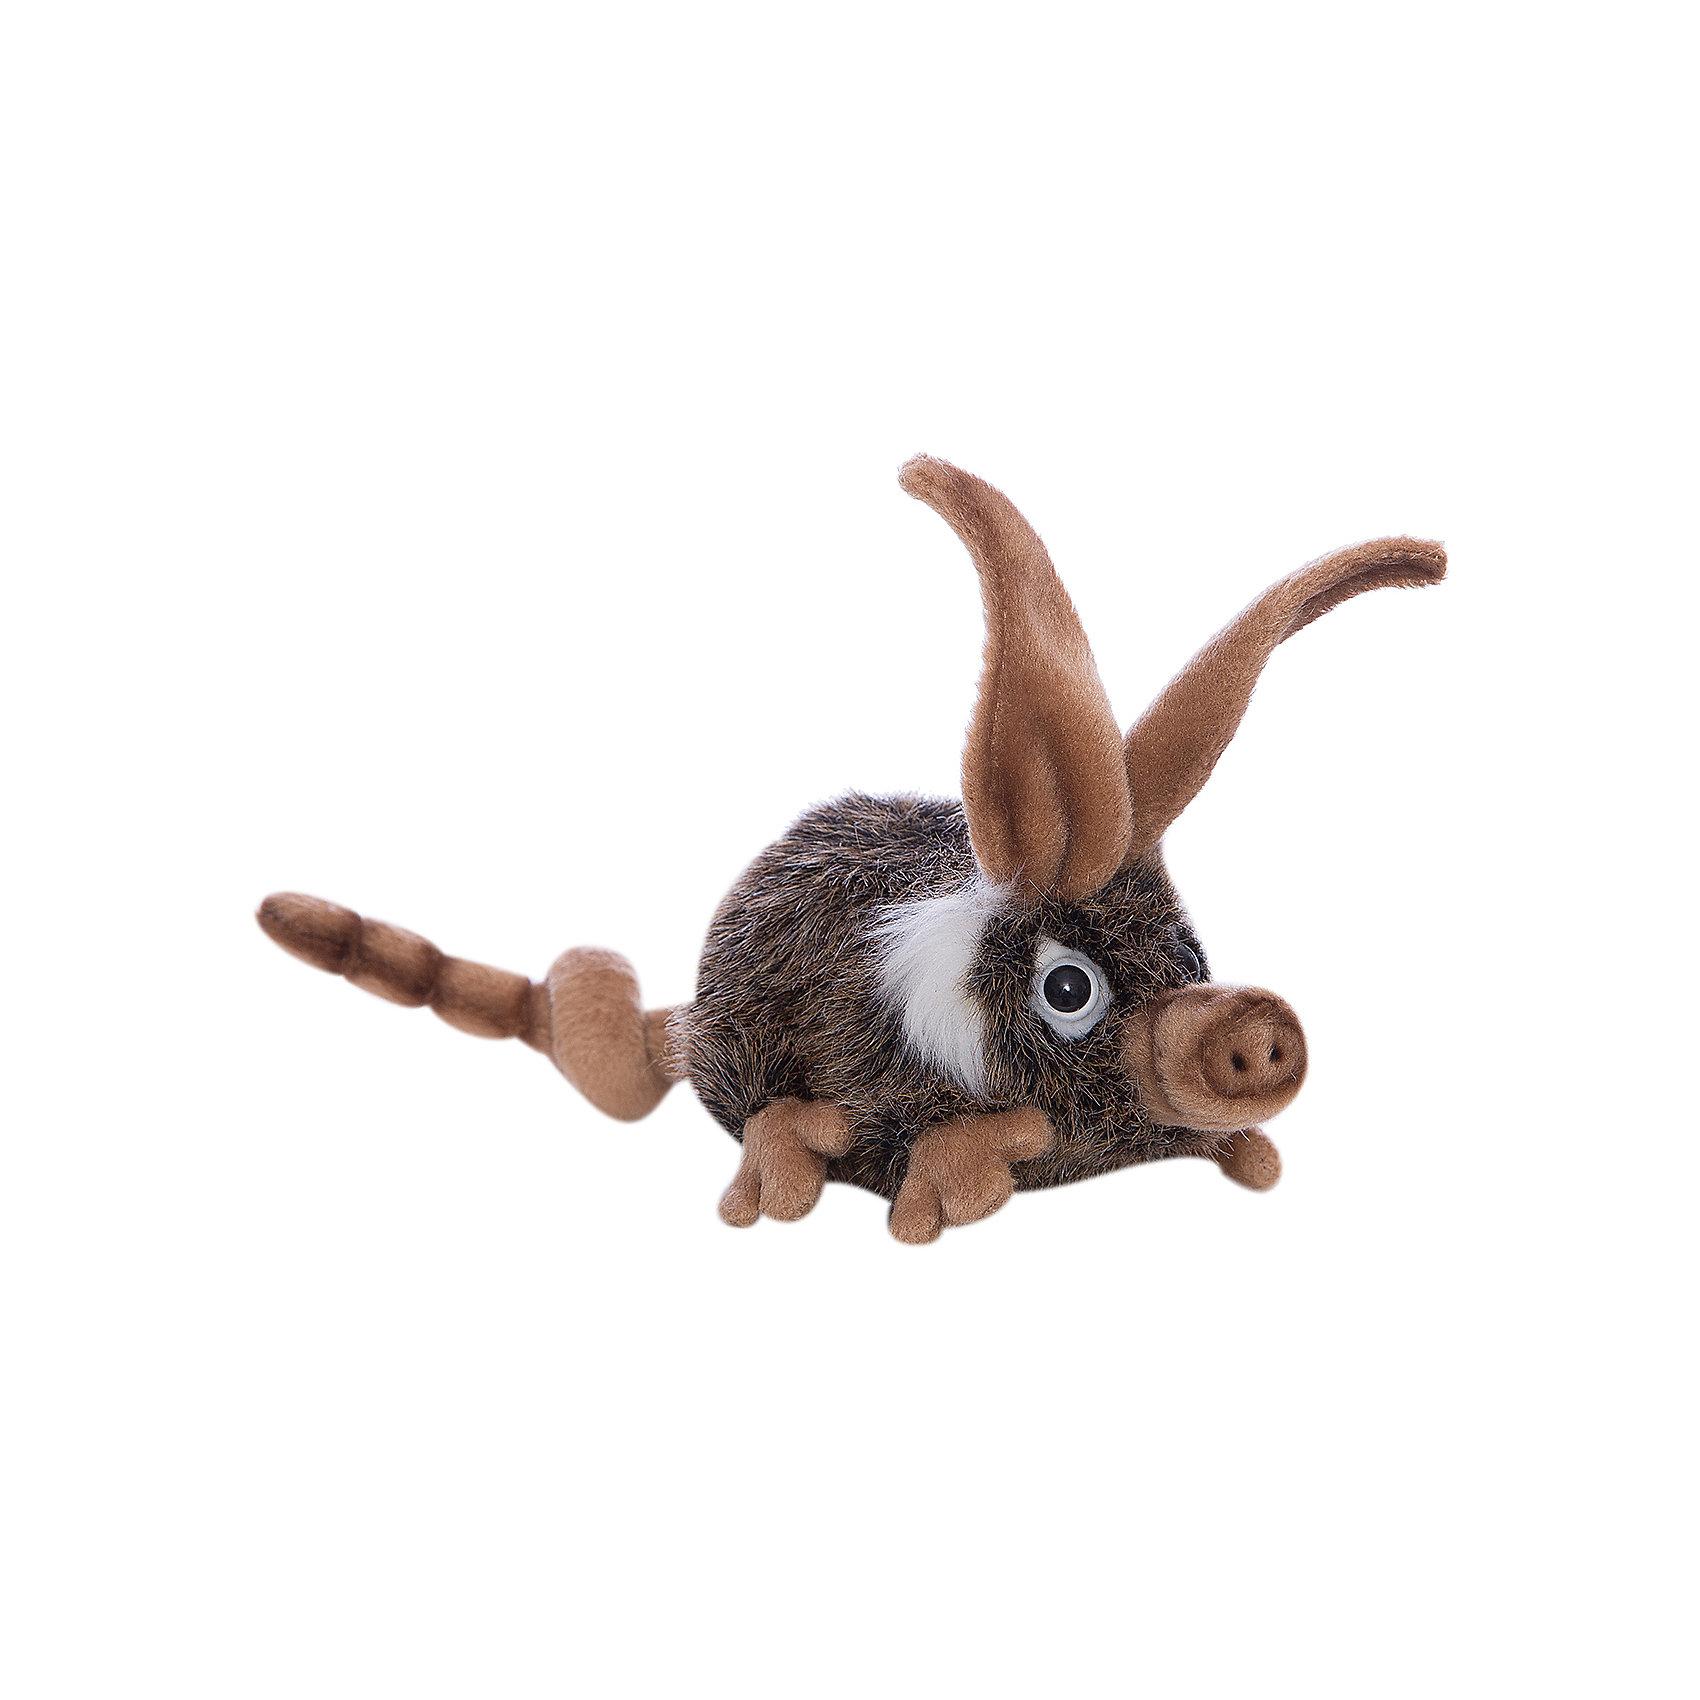 Лесная свинья, 15 смЗвери и птицы<br>Лесная свинья, 15 см – игрушка от знаменитого бренда Hansa, специализирующегося на выпуске мягких игрушек с высокой степенью натуралистичности. Внешний вид игрушки полностью соответствует своему реальному прототипу – лесной свинье. Она выполнена из искусственного меха с ворсом средней длины темного оттенка, лапки, ушки, хвостик и пятачок – светло-бежевого цвета. Использованные материалы обладают гипоаллергенными свойствами. Внутри игрушки имеется металлический каркас, позволяющий изменять положение. <br>Игрушка относится к серии Дикие животные. <br>Мягкие игрушки от Hansa подходят для сюжетно-ролевых игр, для обучающих игр, направленных на знакомство с животным миром дикой природы. Кроме того, их можно использовать в качестве интерьерных игрушек. Коллекция из нескольких игрушек позволяет создать свой домашний зоопарк, который будет радовать вашего ребенка долгое время, так как ручная работа и качественные материалы гарантируют их долговечность и прочность.<br><br>Дополнительная информация:<br><br>- Вид игр: сюжетно-ролевые игры, коллекционирование, интерьерные игрушки<br>- Предназначение: для дома, для детских развивающих центров, для детских садов<br>- Материал: искусственный мех, наполнитель ? полиэфирное волокно<br>- Размер (ДхШхВ): 8*14*15 см<br>- Вес: 450 г<br>- Особенности ухода: сухая чистка при помощи пылесоса или щетки для одежды<br><br>Подробнее:<br><br>• Для детей в возрасте: от 3 лет <br>• Страна производитель: Филиппины<br>• Торговый бренд: Hansa<br><br>Лесную свинью, 15 см можно купить в нашем интернет-магазине.<br><br>Ширина мм: 8<br>Глубина мм: 14<br>Высота мм: 15<br>Вес г: 450<br>Возраст от месяцев: 36<br>Возраст до месяцев: 2147483647<br>Пол: Унисекс<br>Возраст: Детский<br>SKU: 4927216